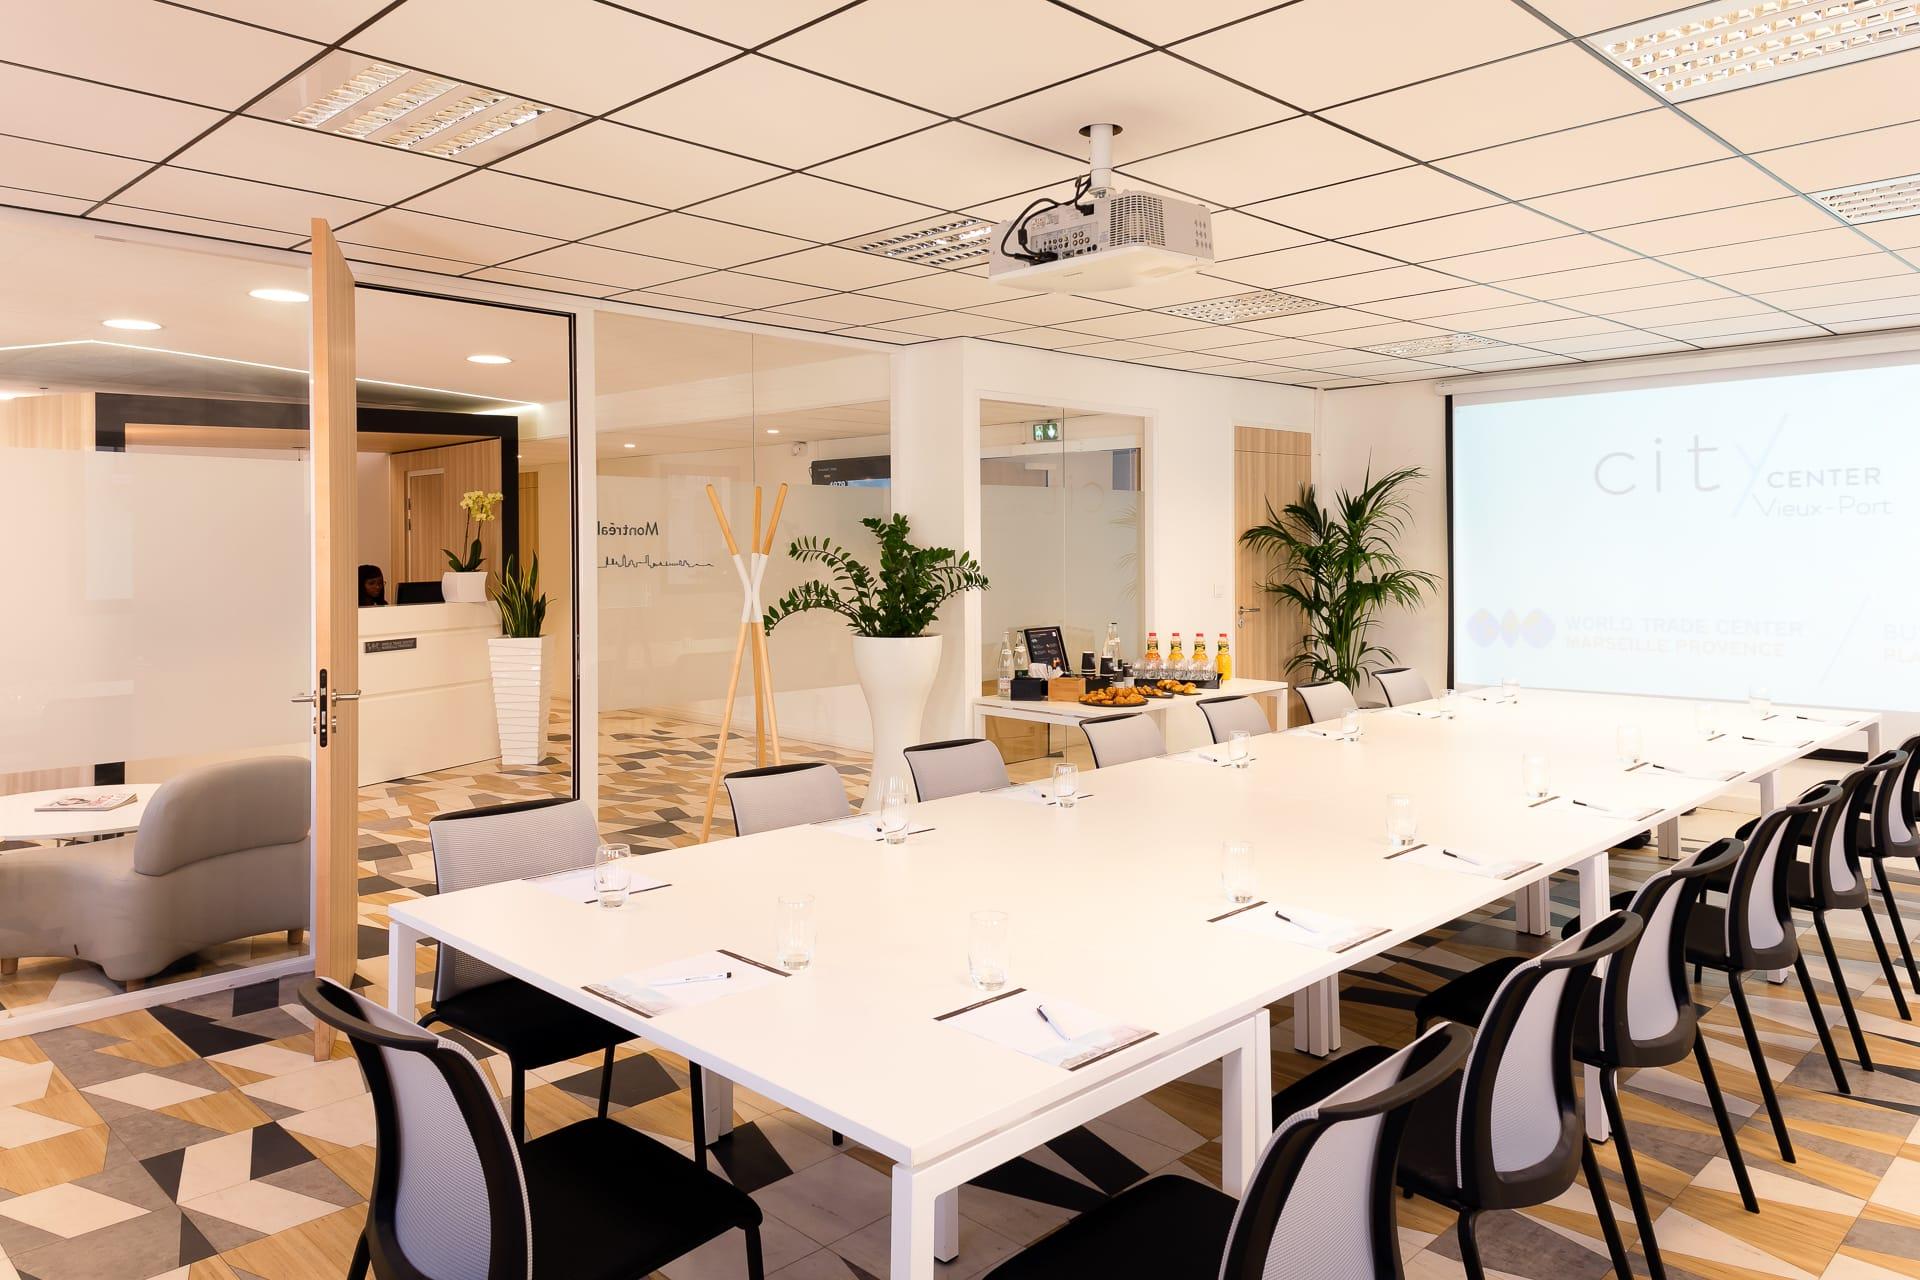 Location de salle de travail à Marseille & Paris